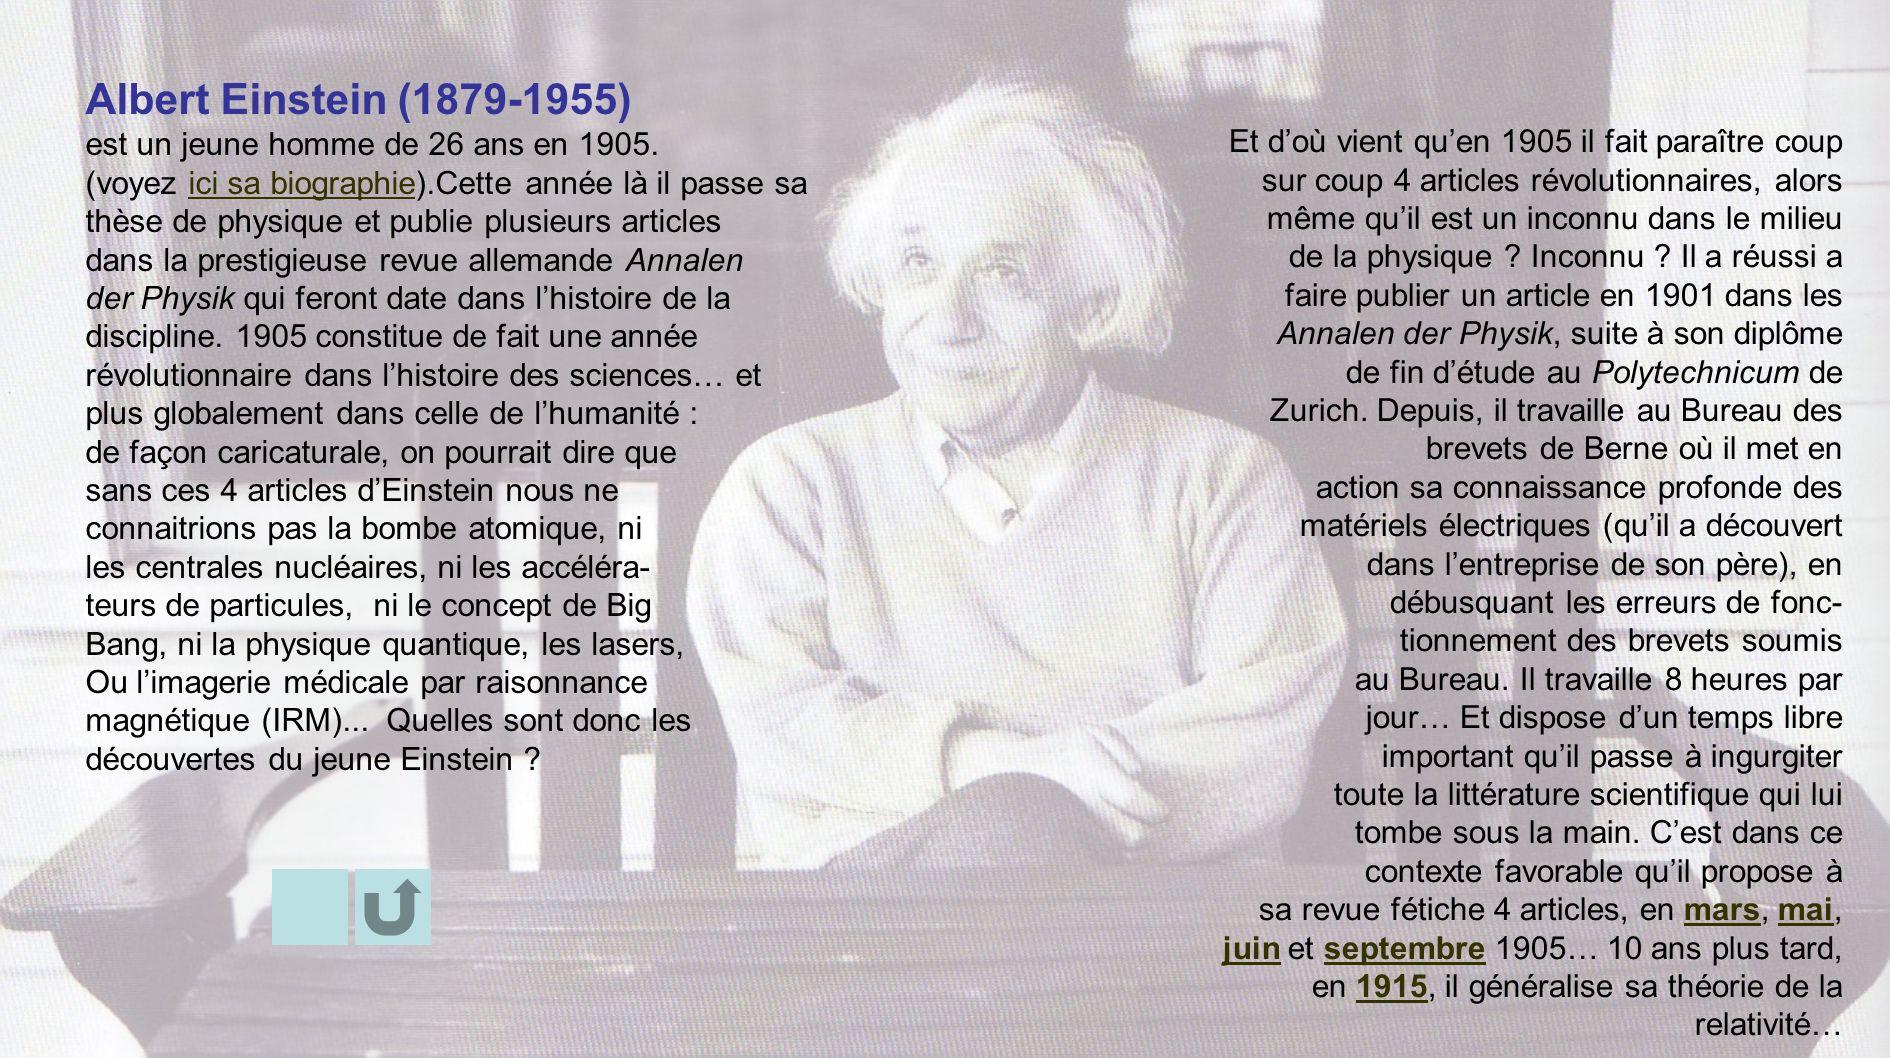 Albert Einstein (1879-1955) est un jeune homme de 26 ans en 1905. (voyez ici sa biographie).Cette année là il passe saici sa biographie thèse de physi